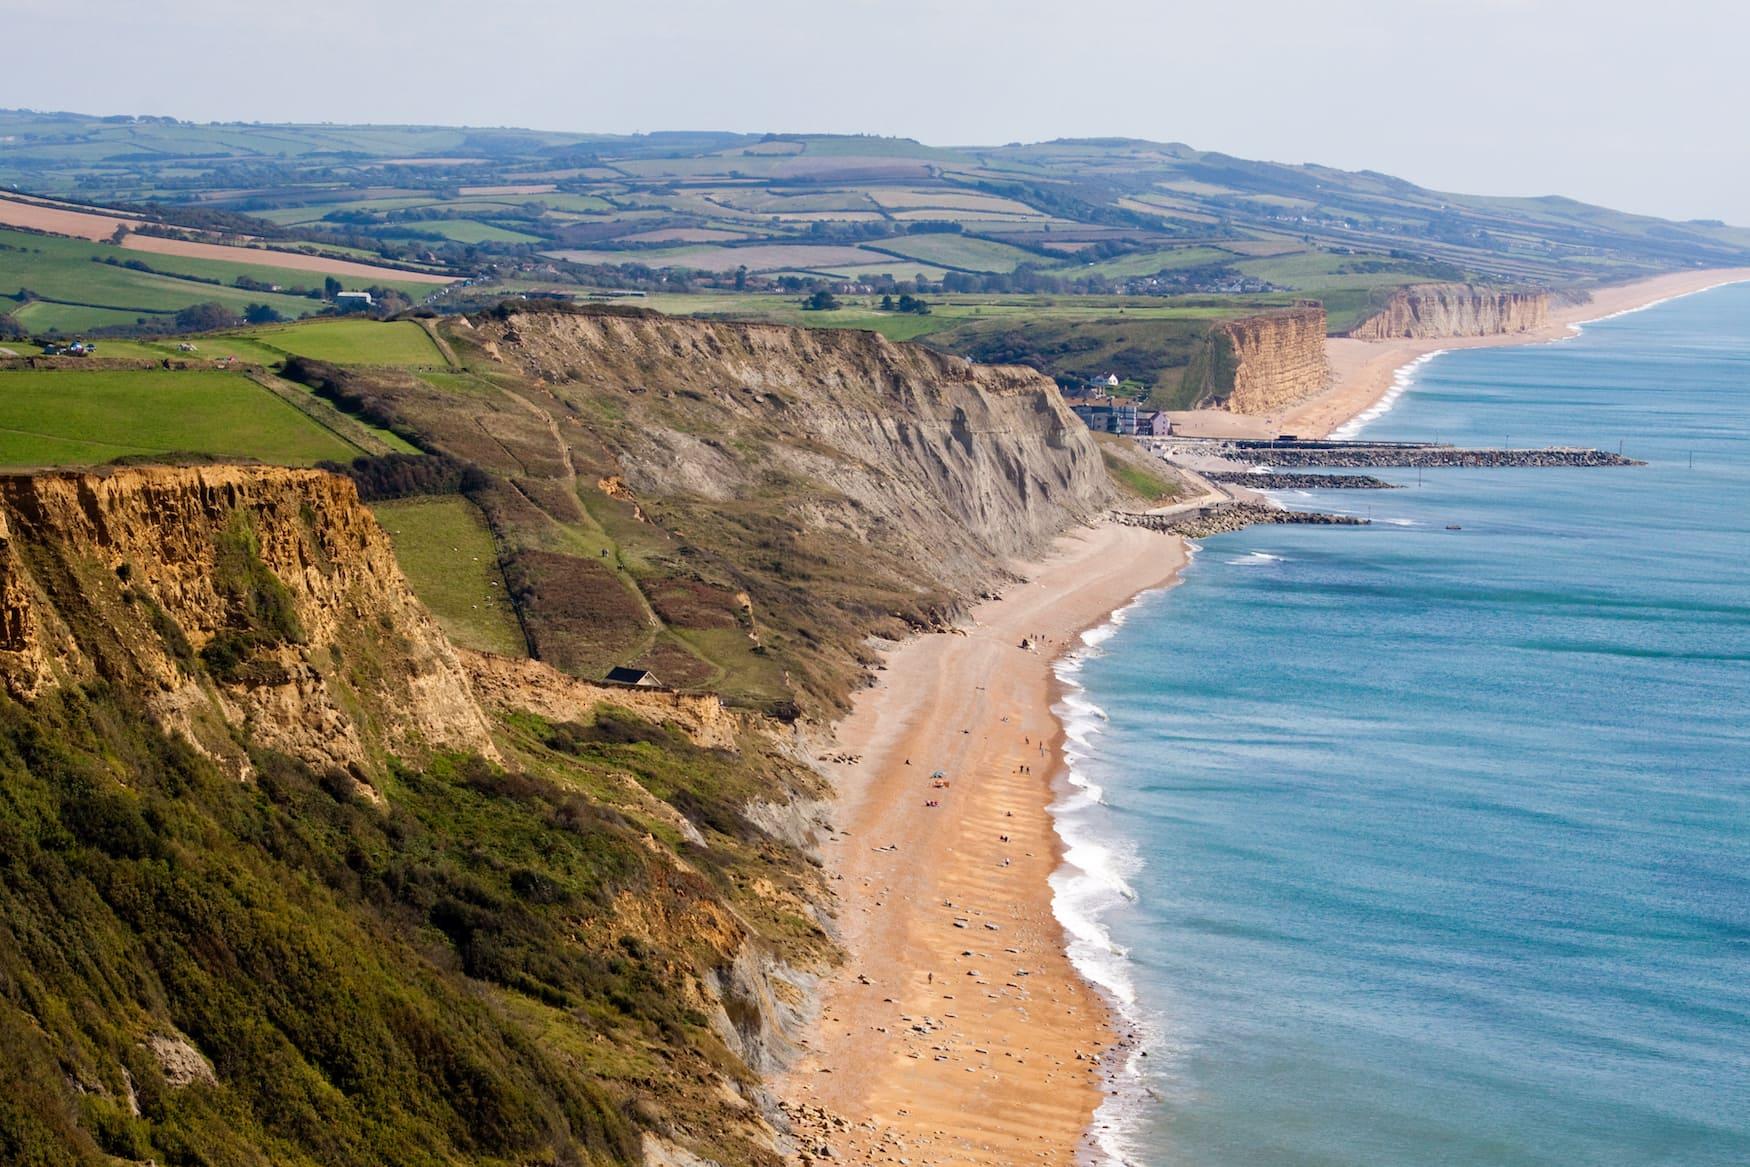 Küsten in England: Die steilen Klippen an der Jurassic Coast in Dorset haben schon oft als Drehort gedient